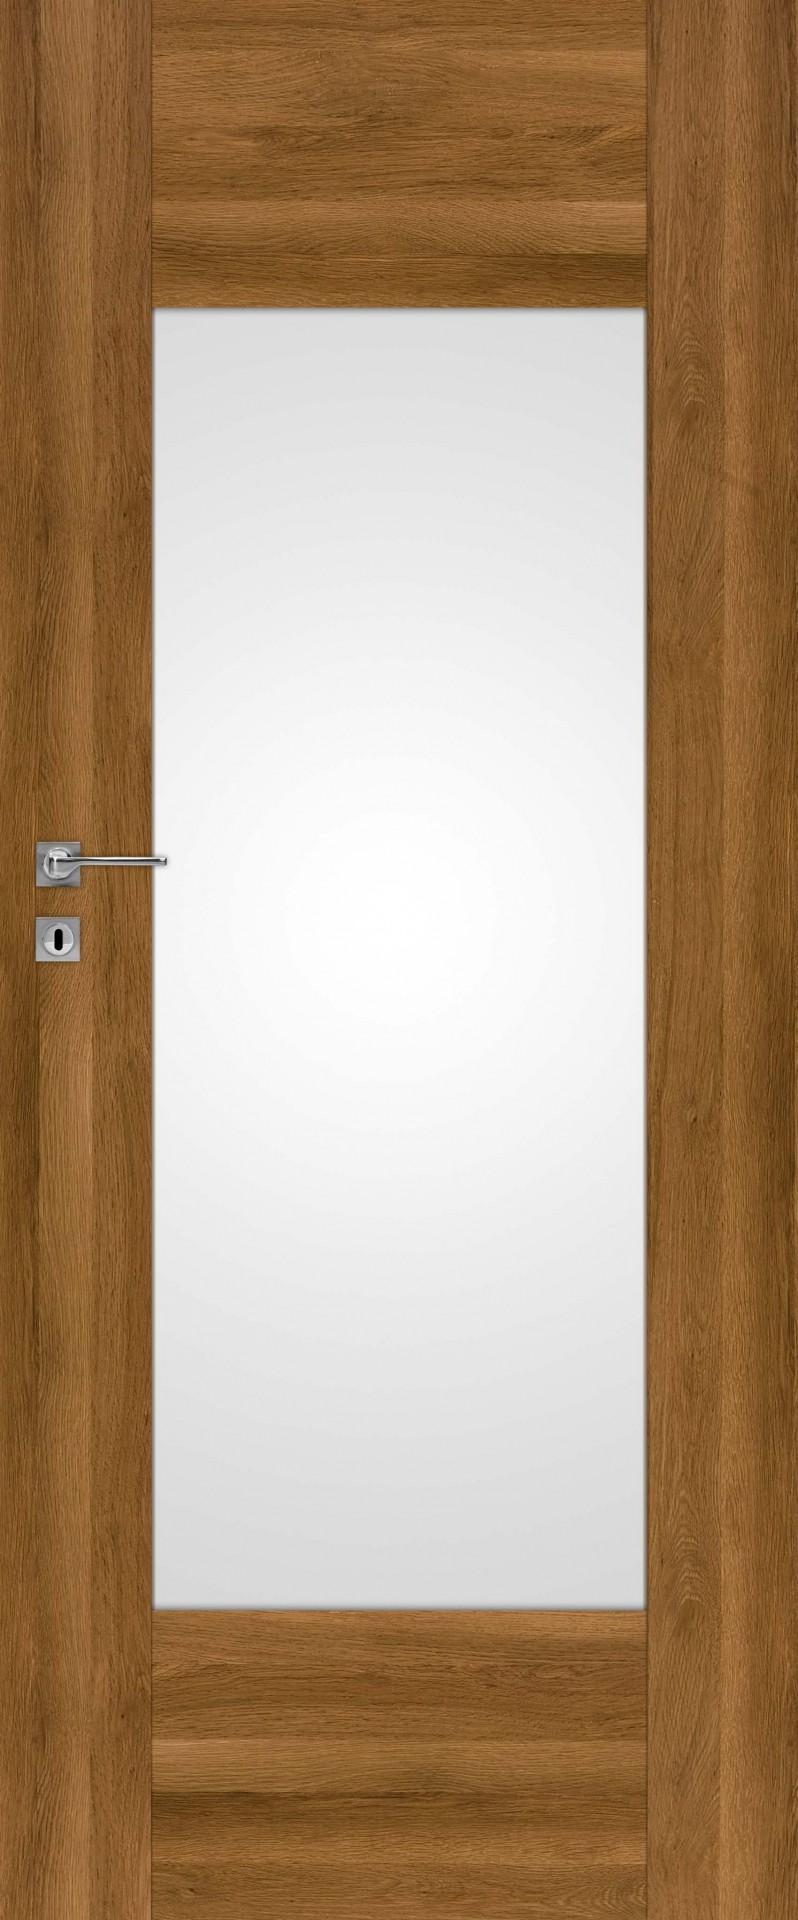 Dre dveře AURI 4, Šíře v cm 80